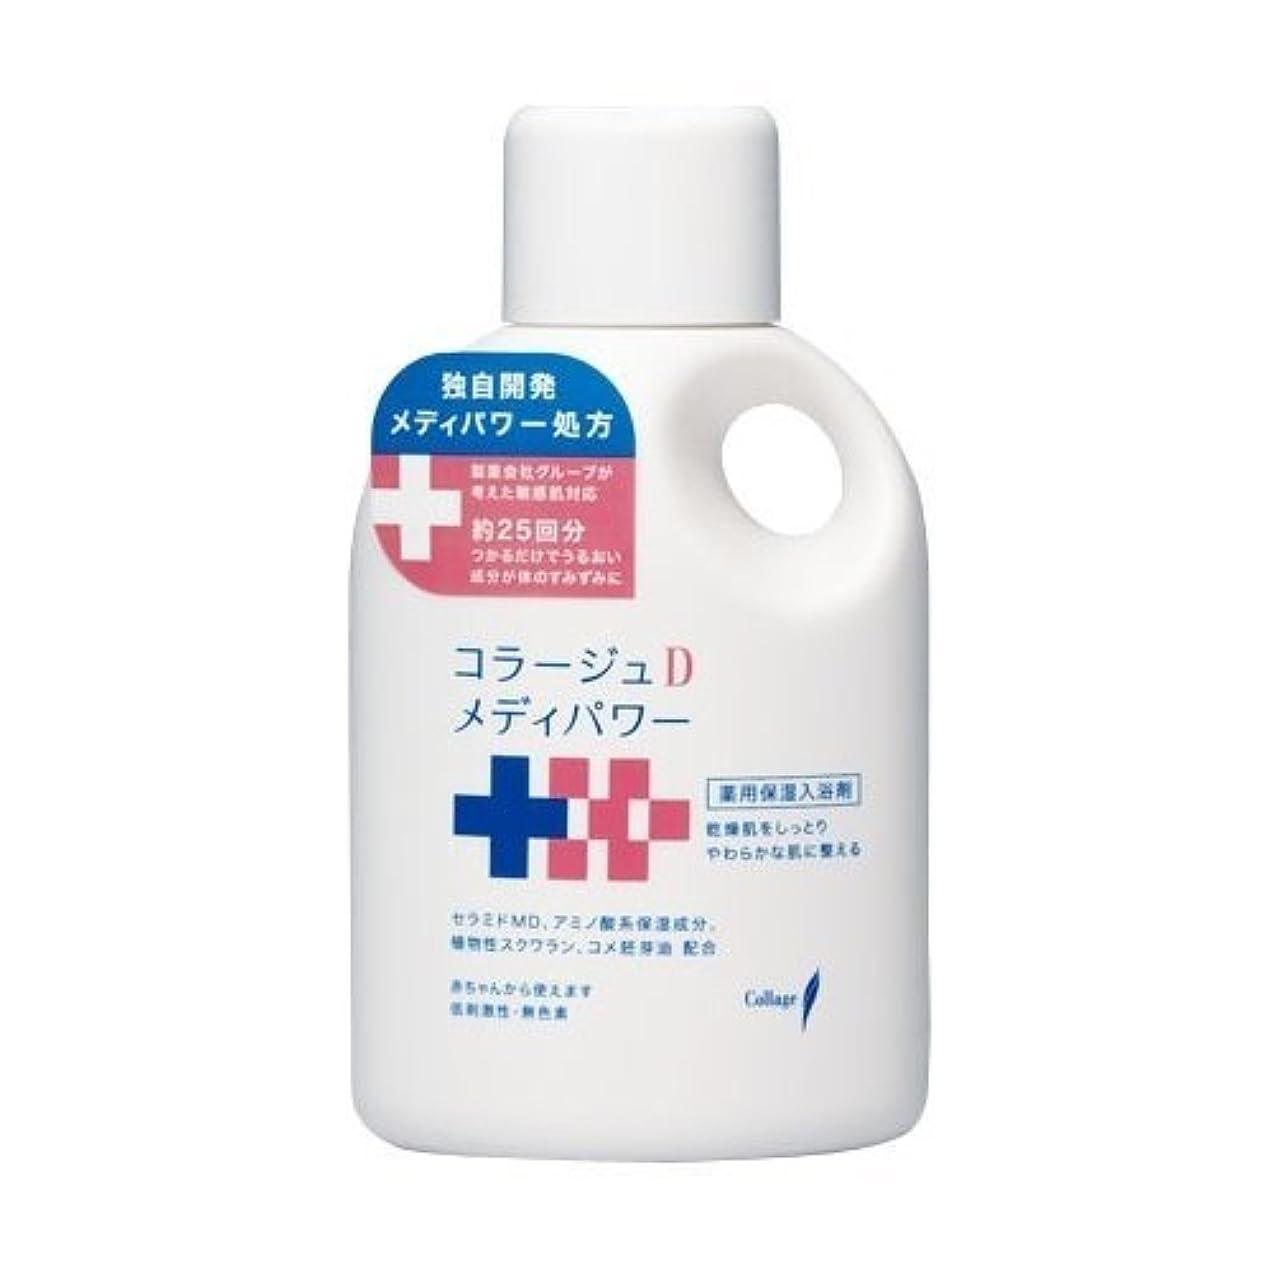 カートン言語慈悲コラージュ Dメディパワー 保湿入浴剤 500mL (医薬部外品)